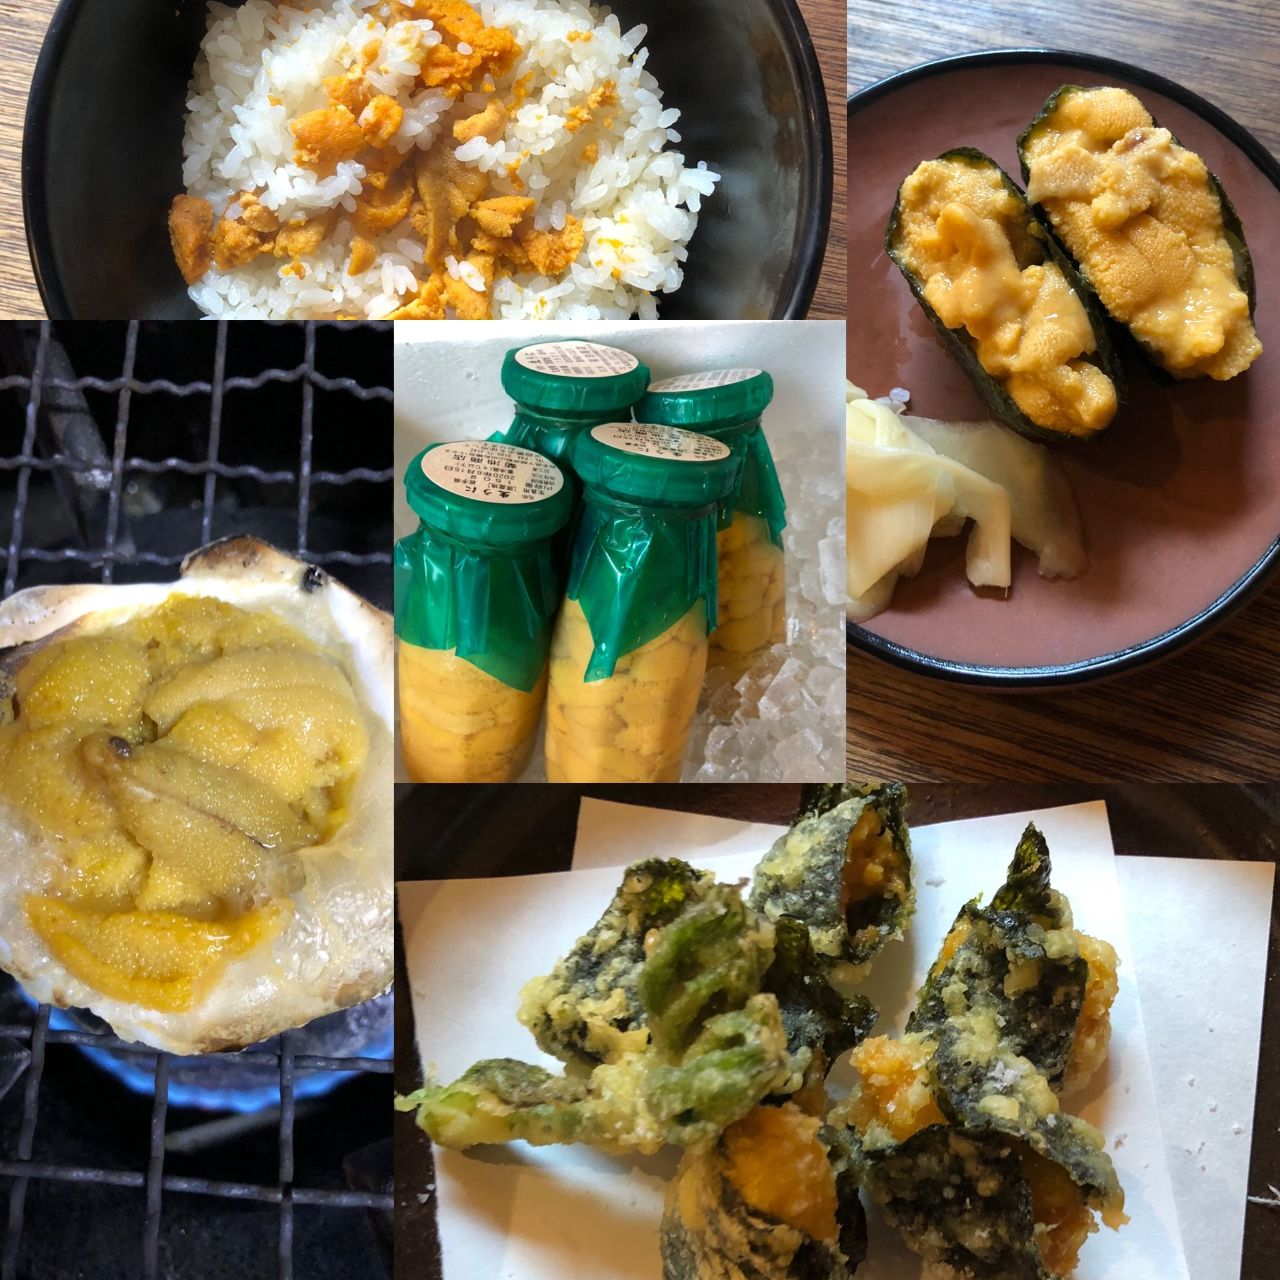 岩手県民食堂 デンサク屋